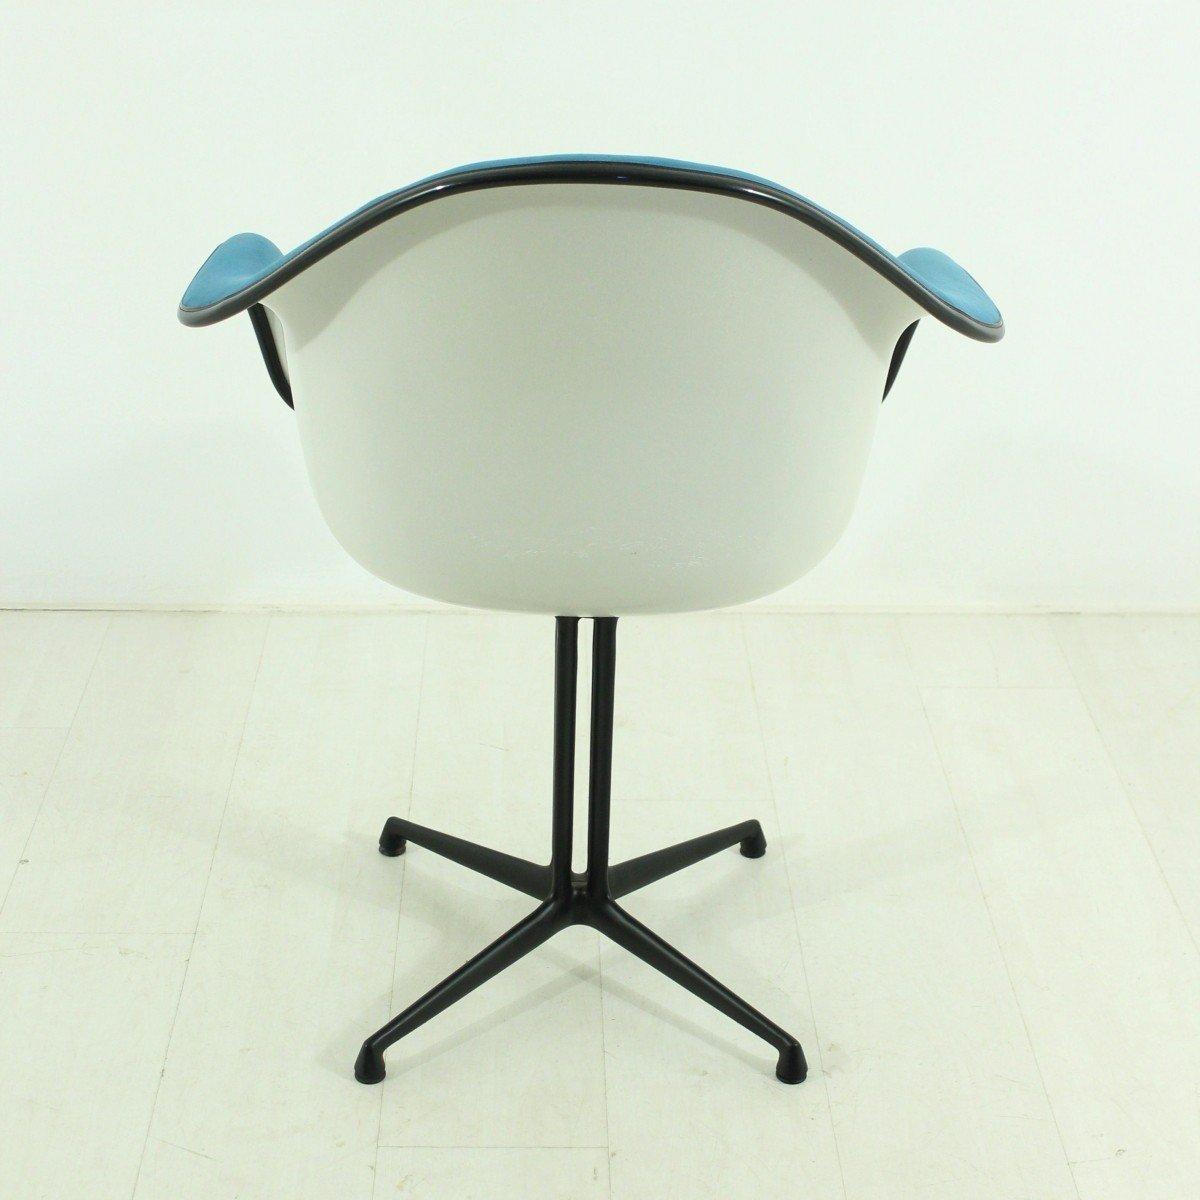 chaise vintage bleue la fonda par charles ray eames pour vitra en vente sur pamono. Black Bedroom Furniture Sets. Home Design Ideas